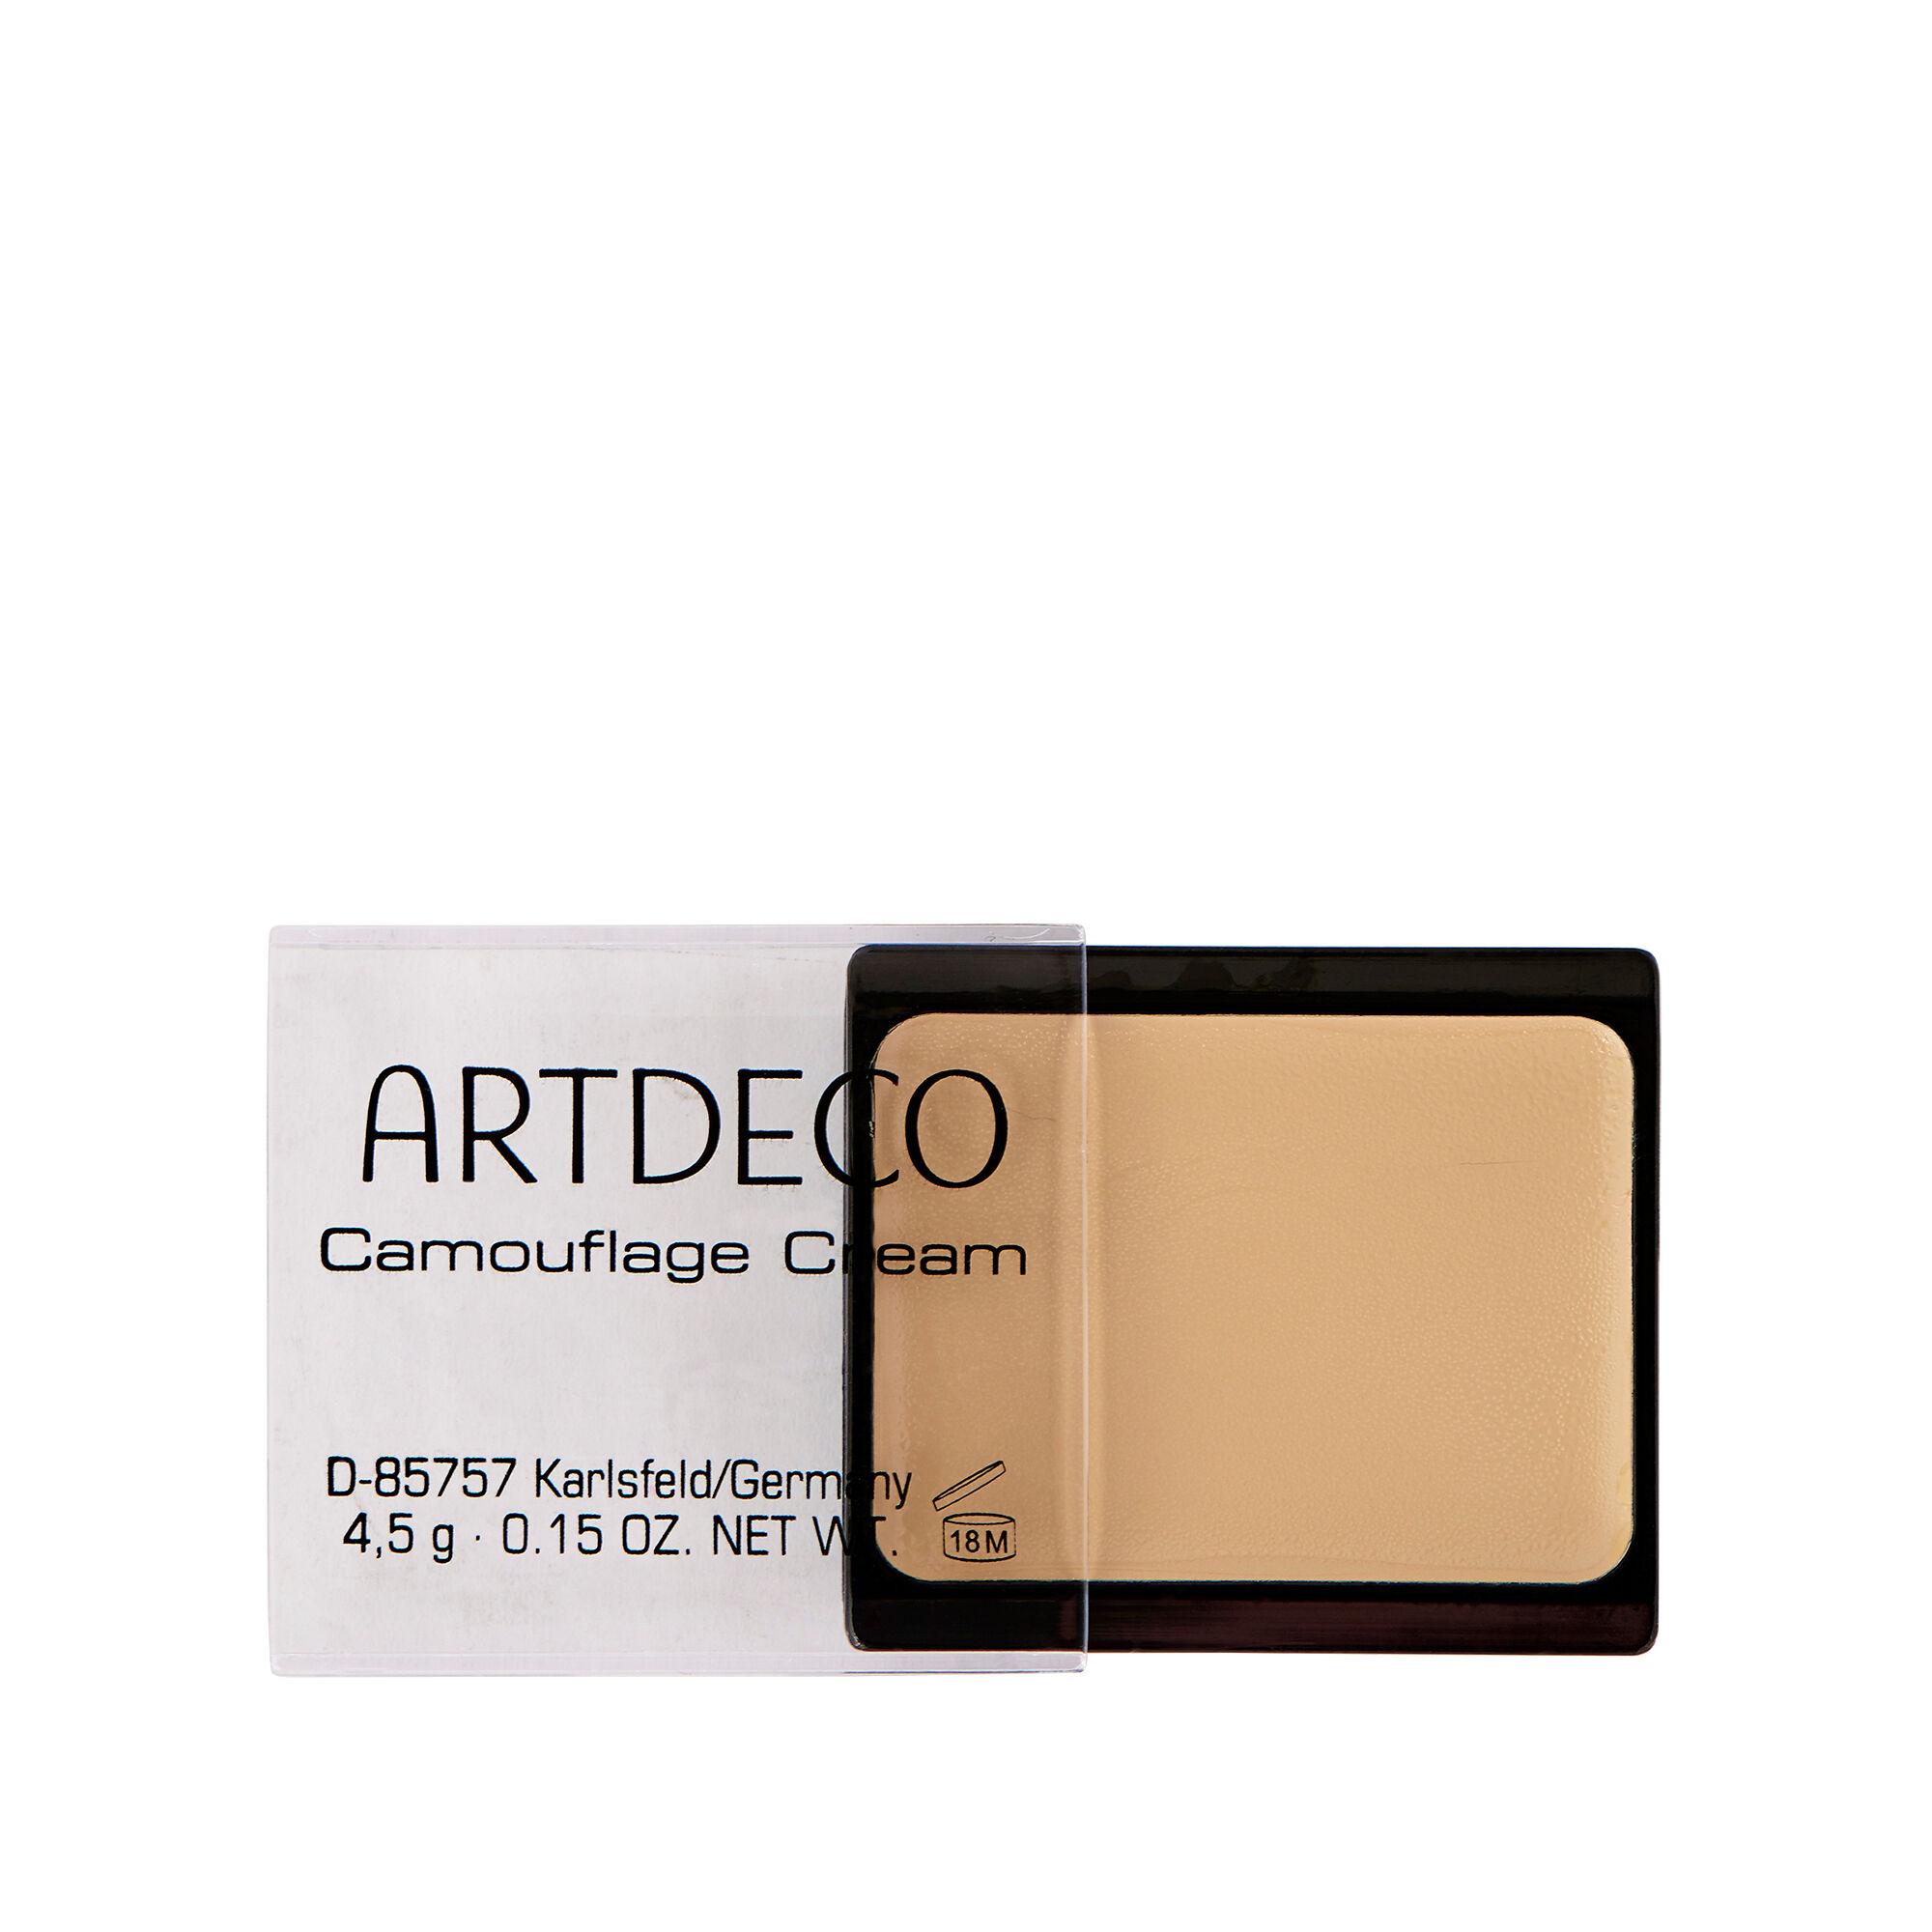 ARTDECO Crème camouflage 06 Sable du désert 01 Neutralising Green 4.5g